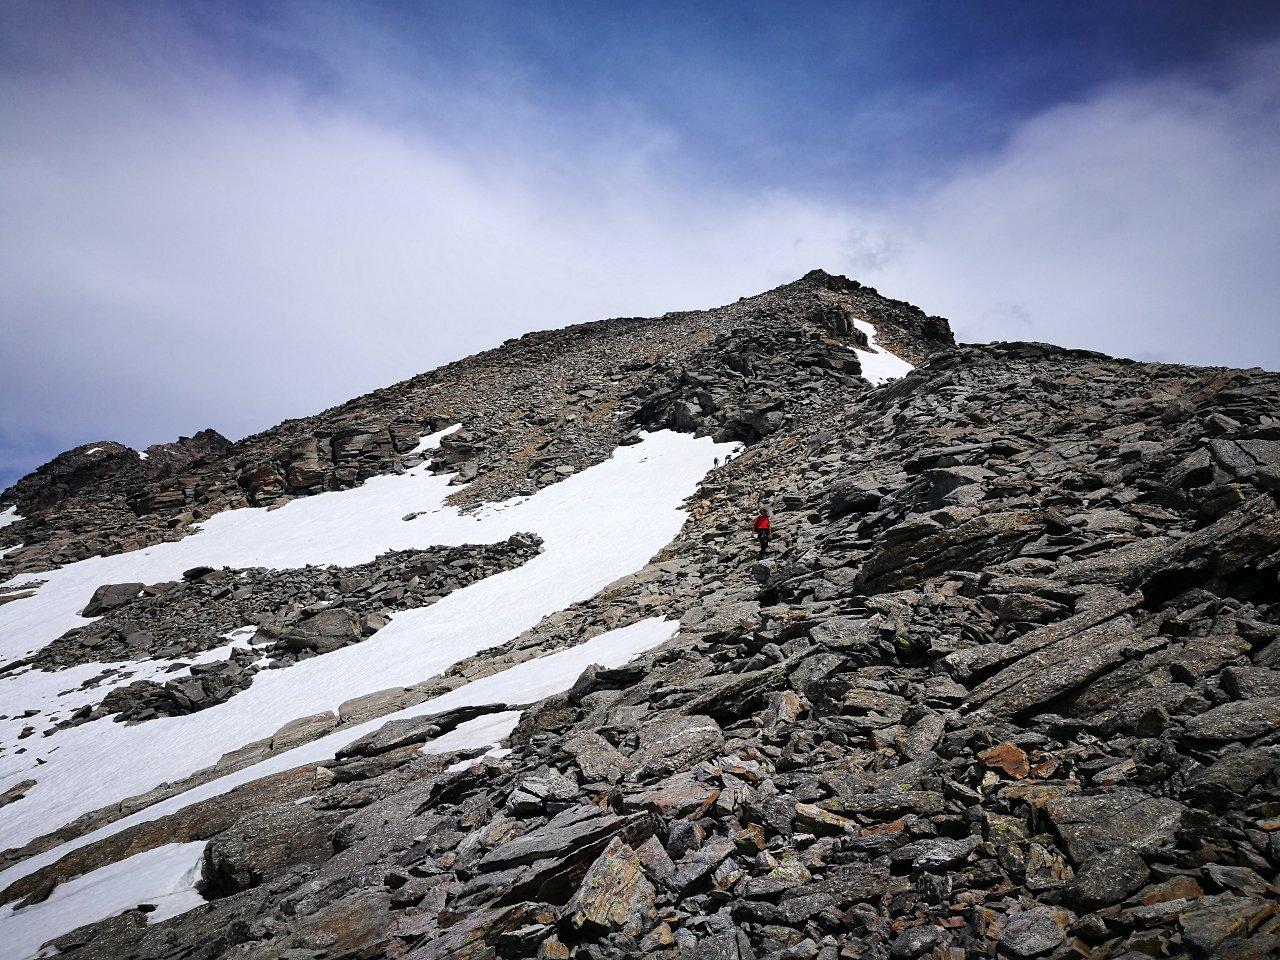 06 - in discesa lungo la cresta che porta al Col Girard, a sinistra il pendio di salita in neve